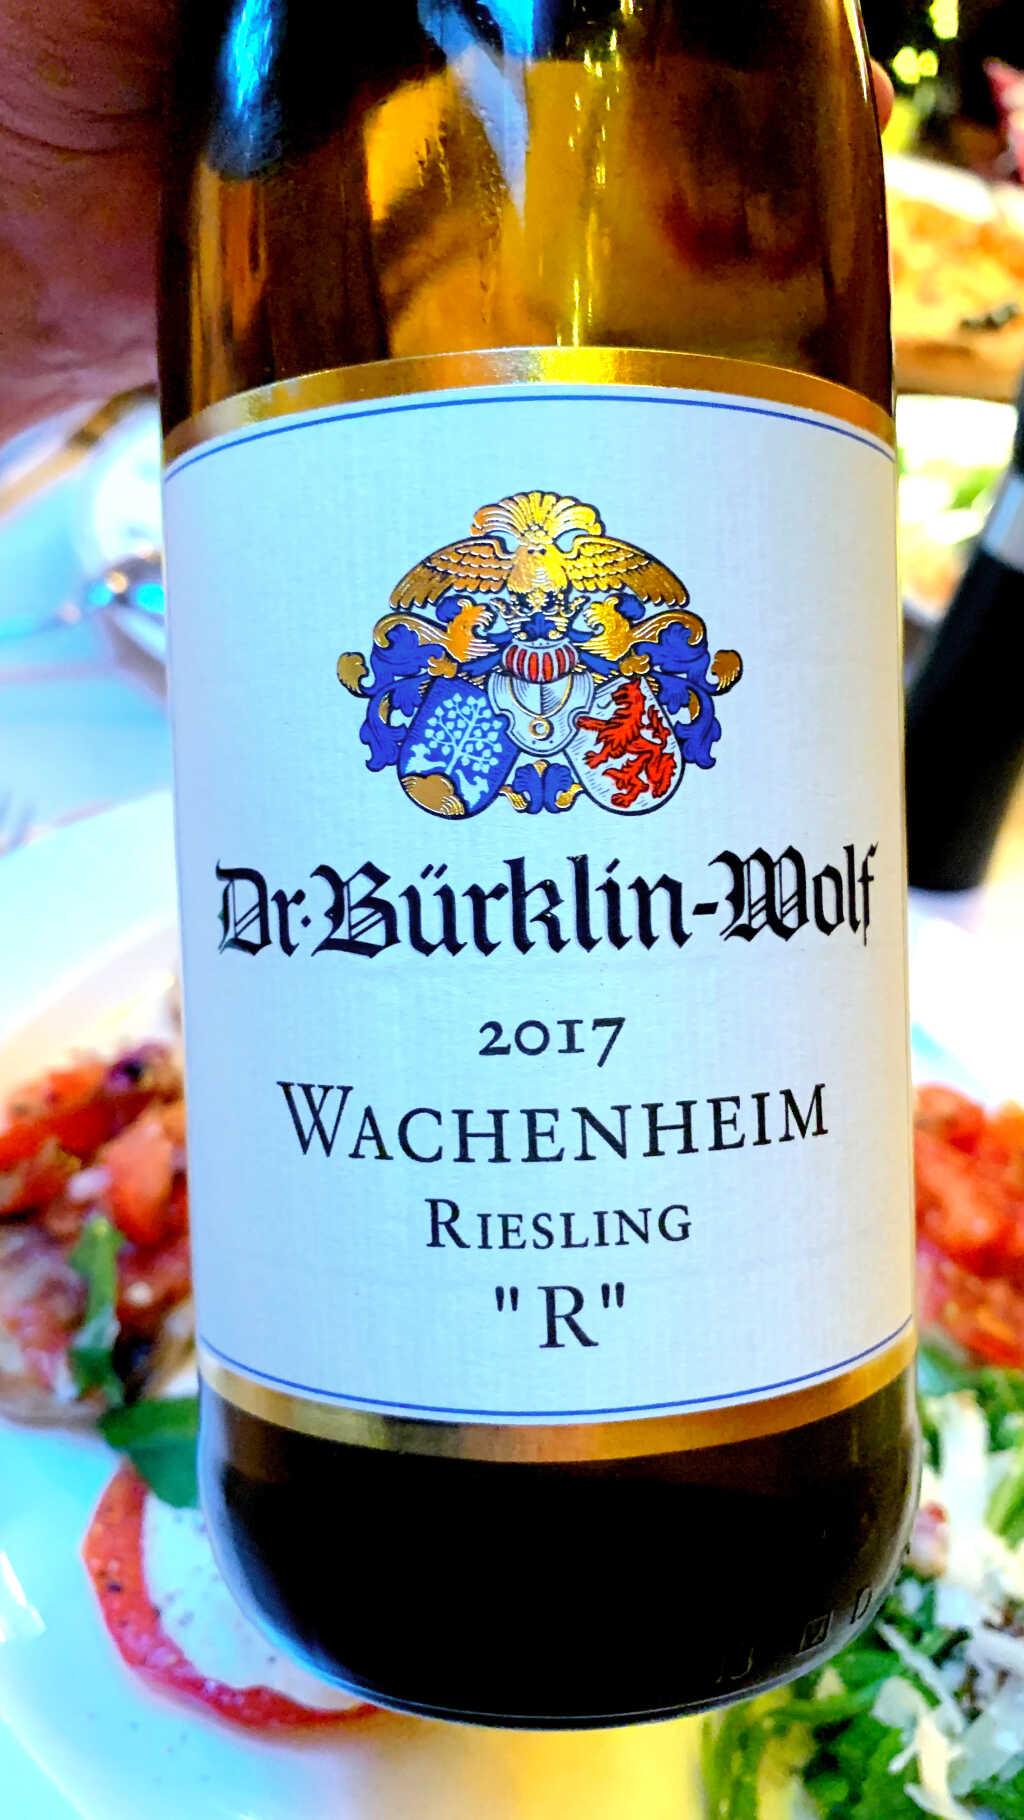 """2017 Wachenheimer Riesling """"R"""" (Hochformat, bitte anklicken sofern auf PC oder Mac betrachtet)"""